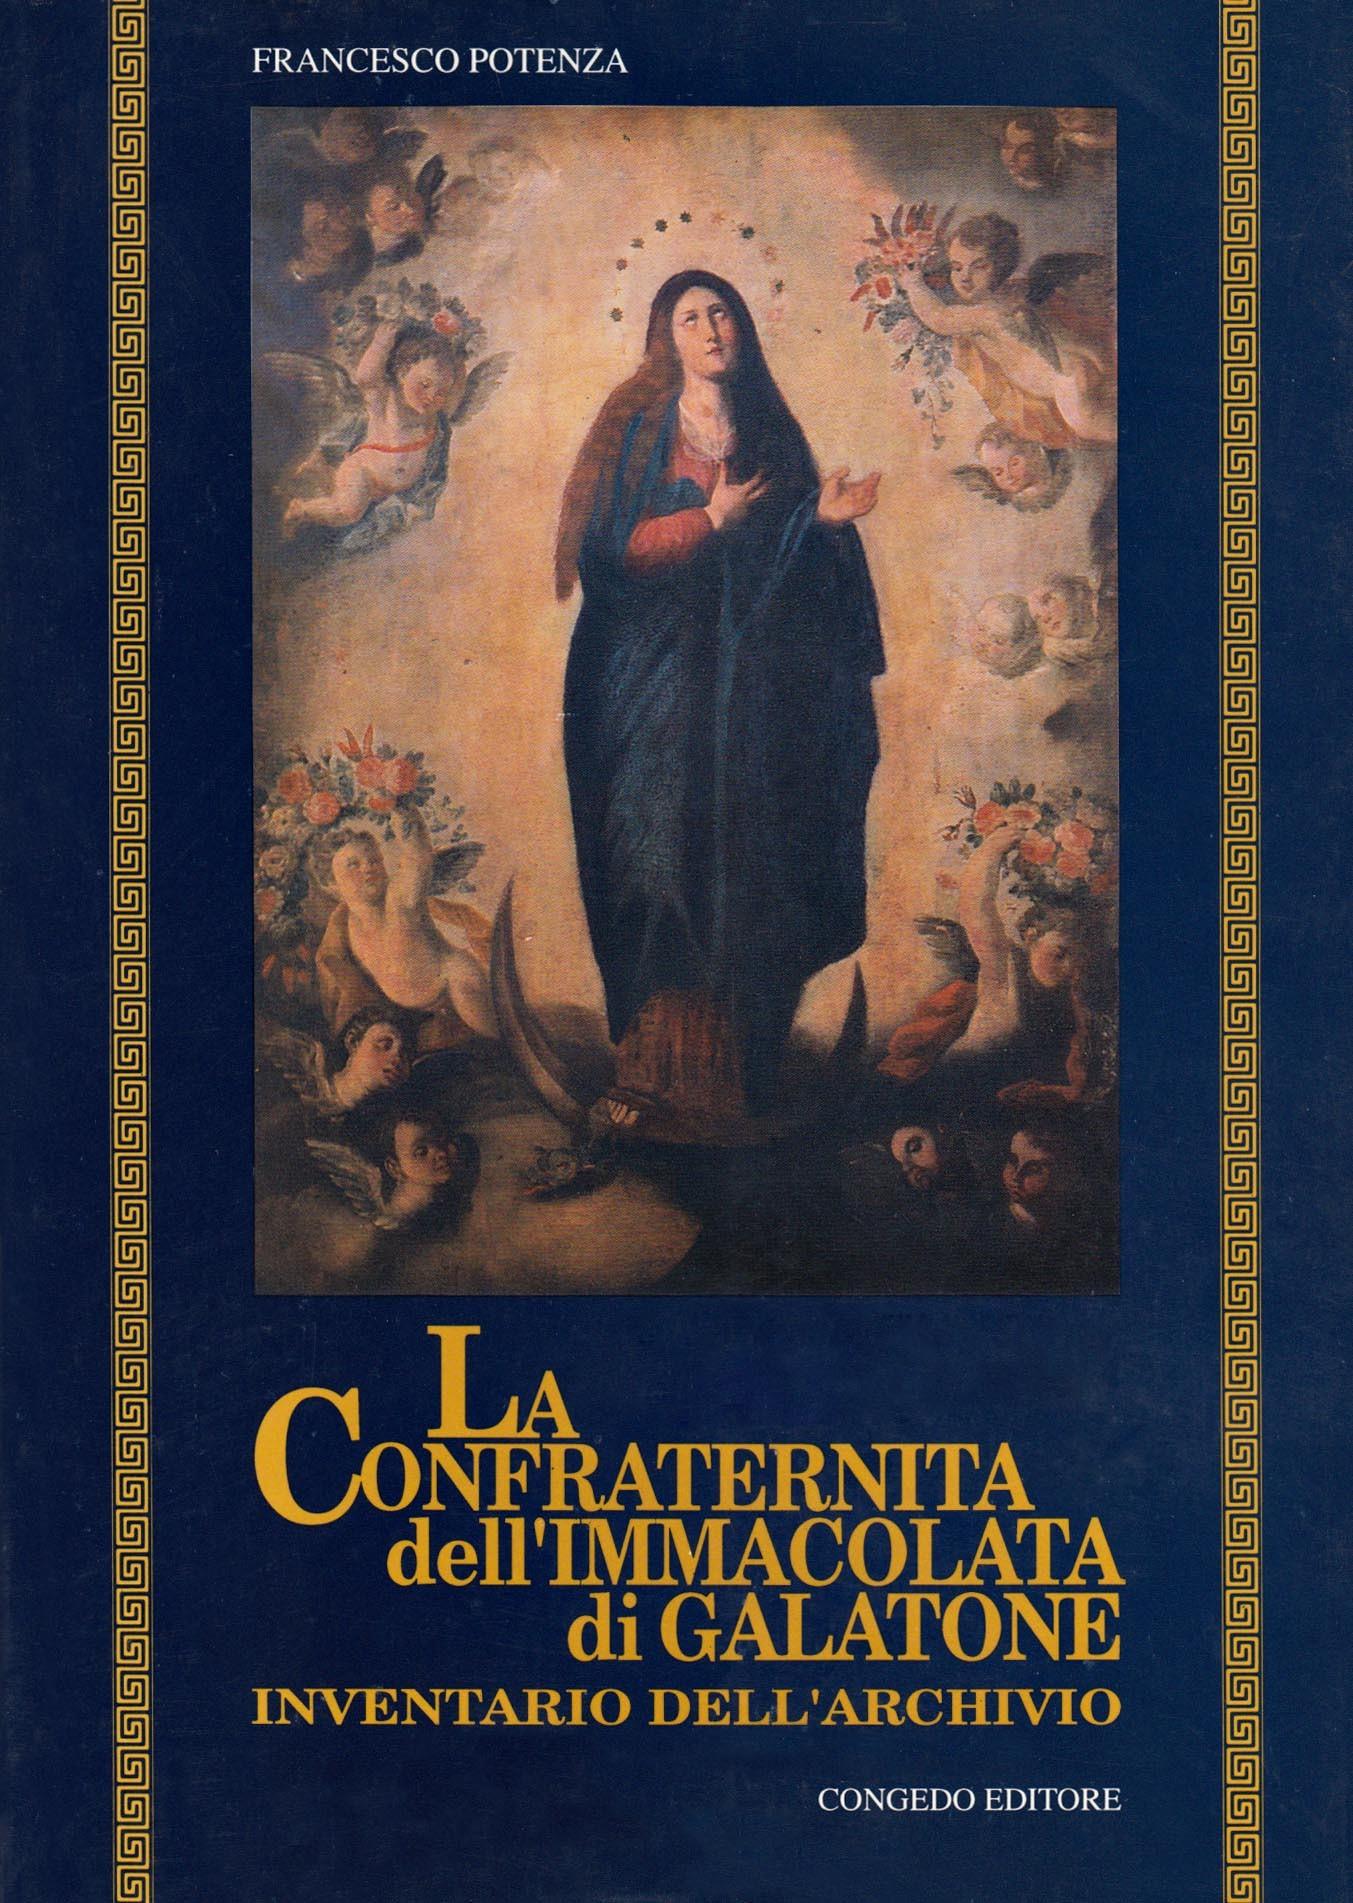 La Confraternita dell'Immacolata di Galatone. Inventario dell'archivio